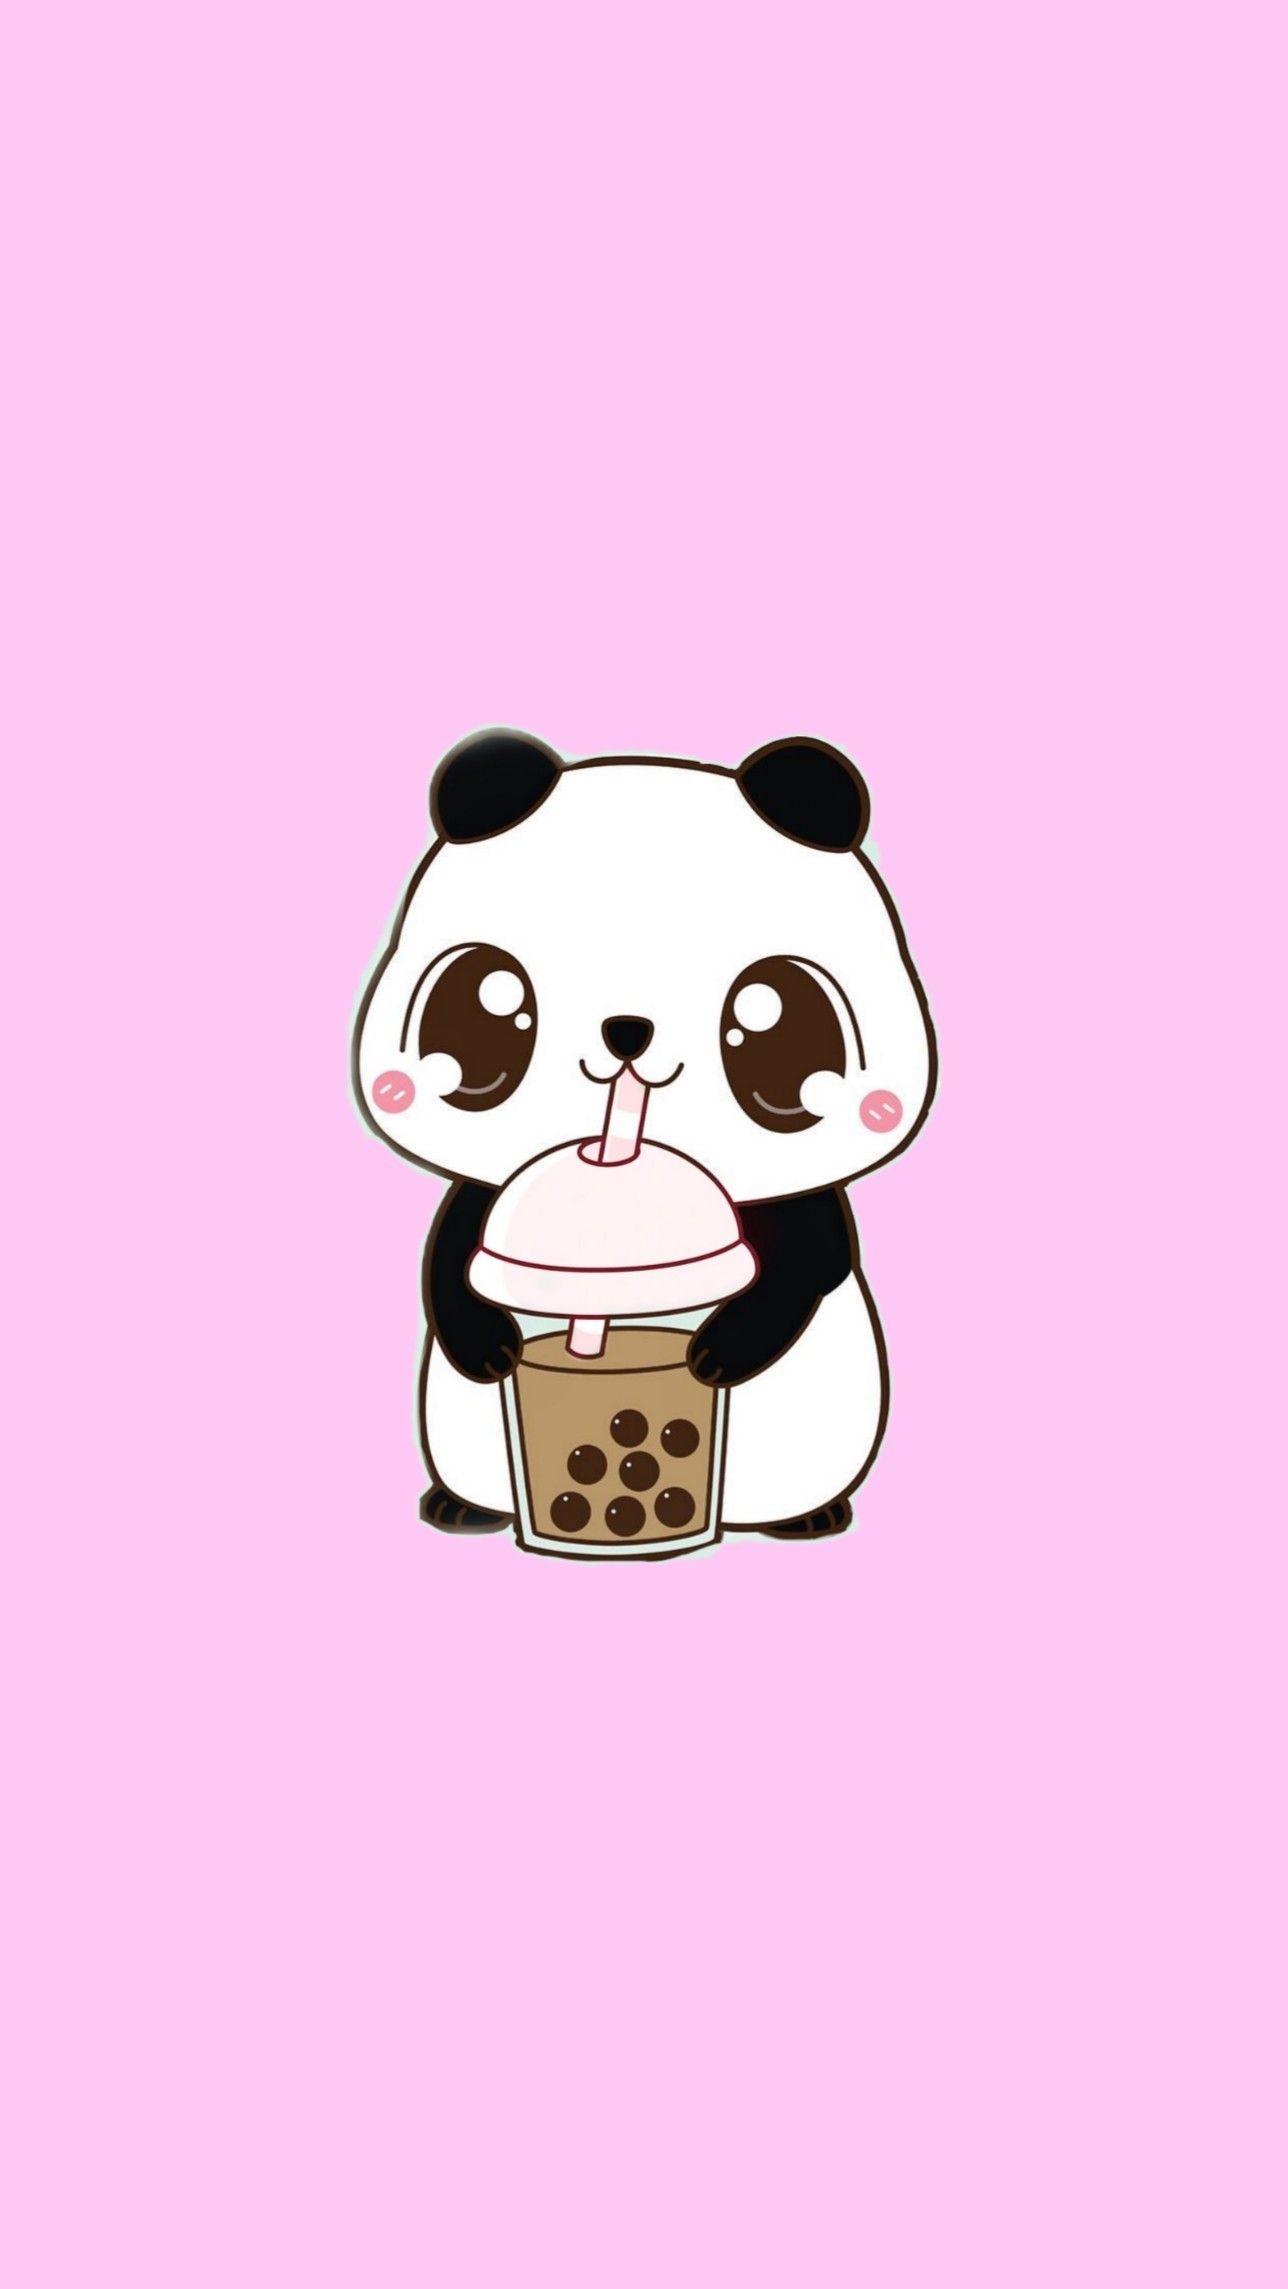 Cute Panda Iphone Wallpaper Cute Panda Iphone Wallpaper Wallpaper Cute pink panda wallpaper for cellphone